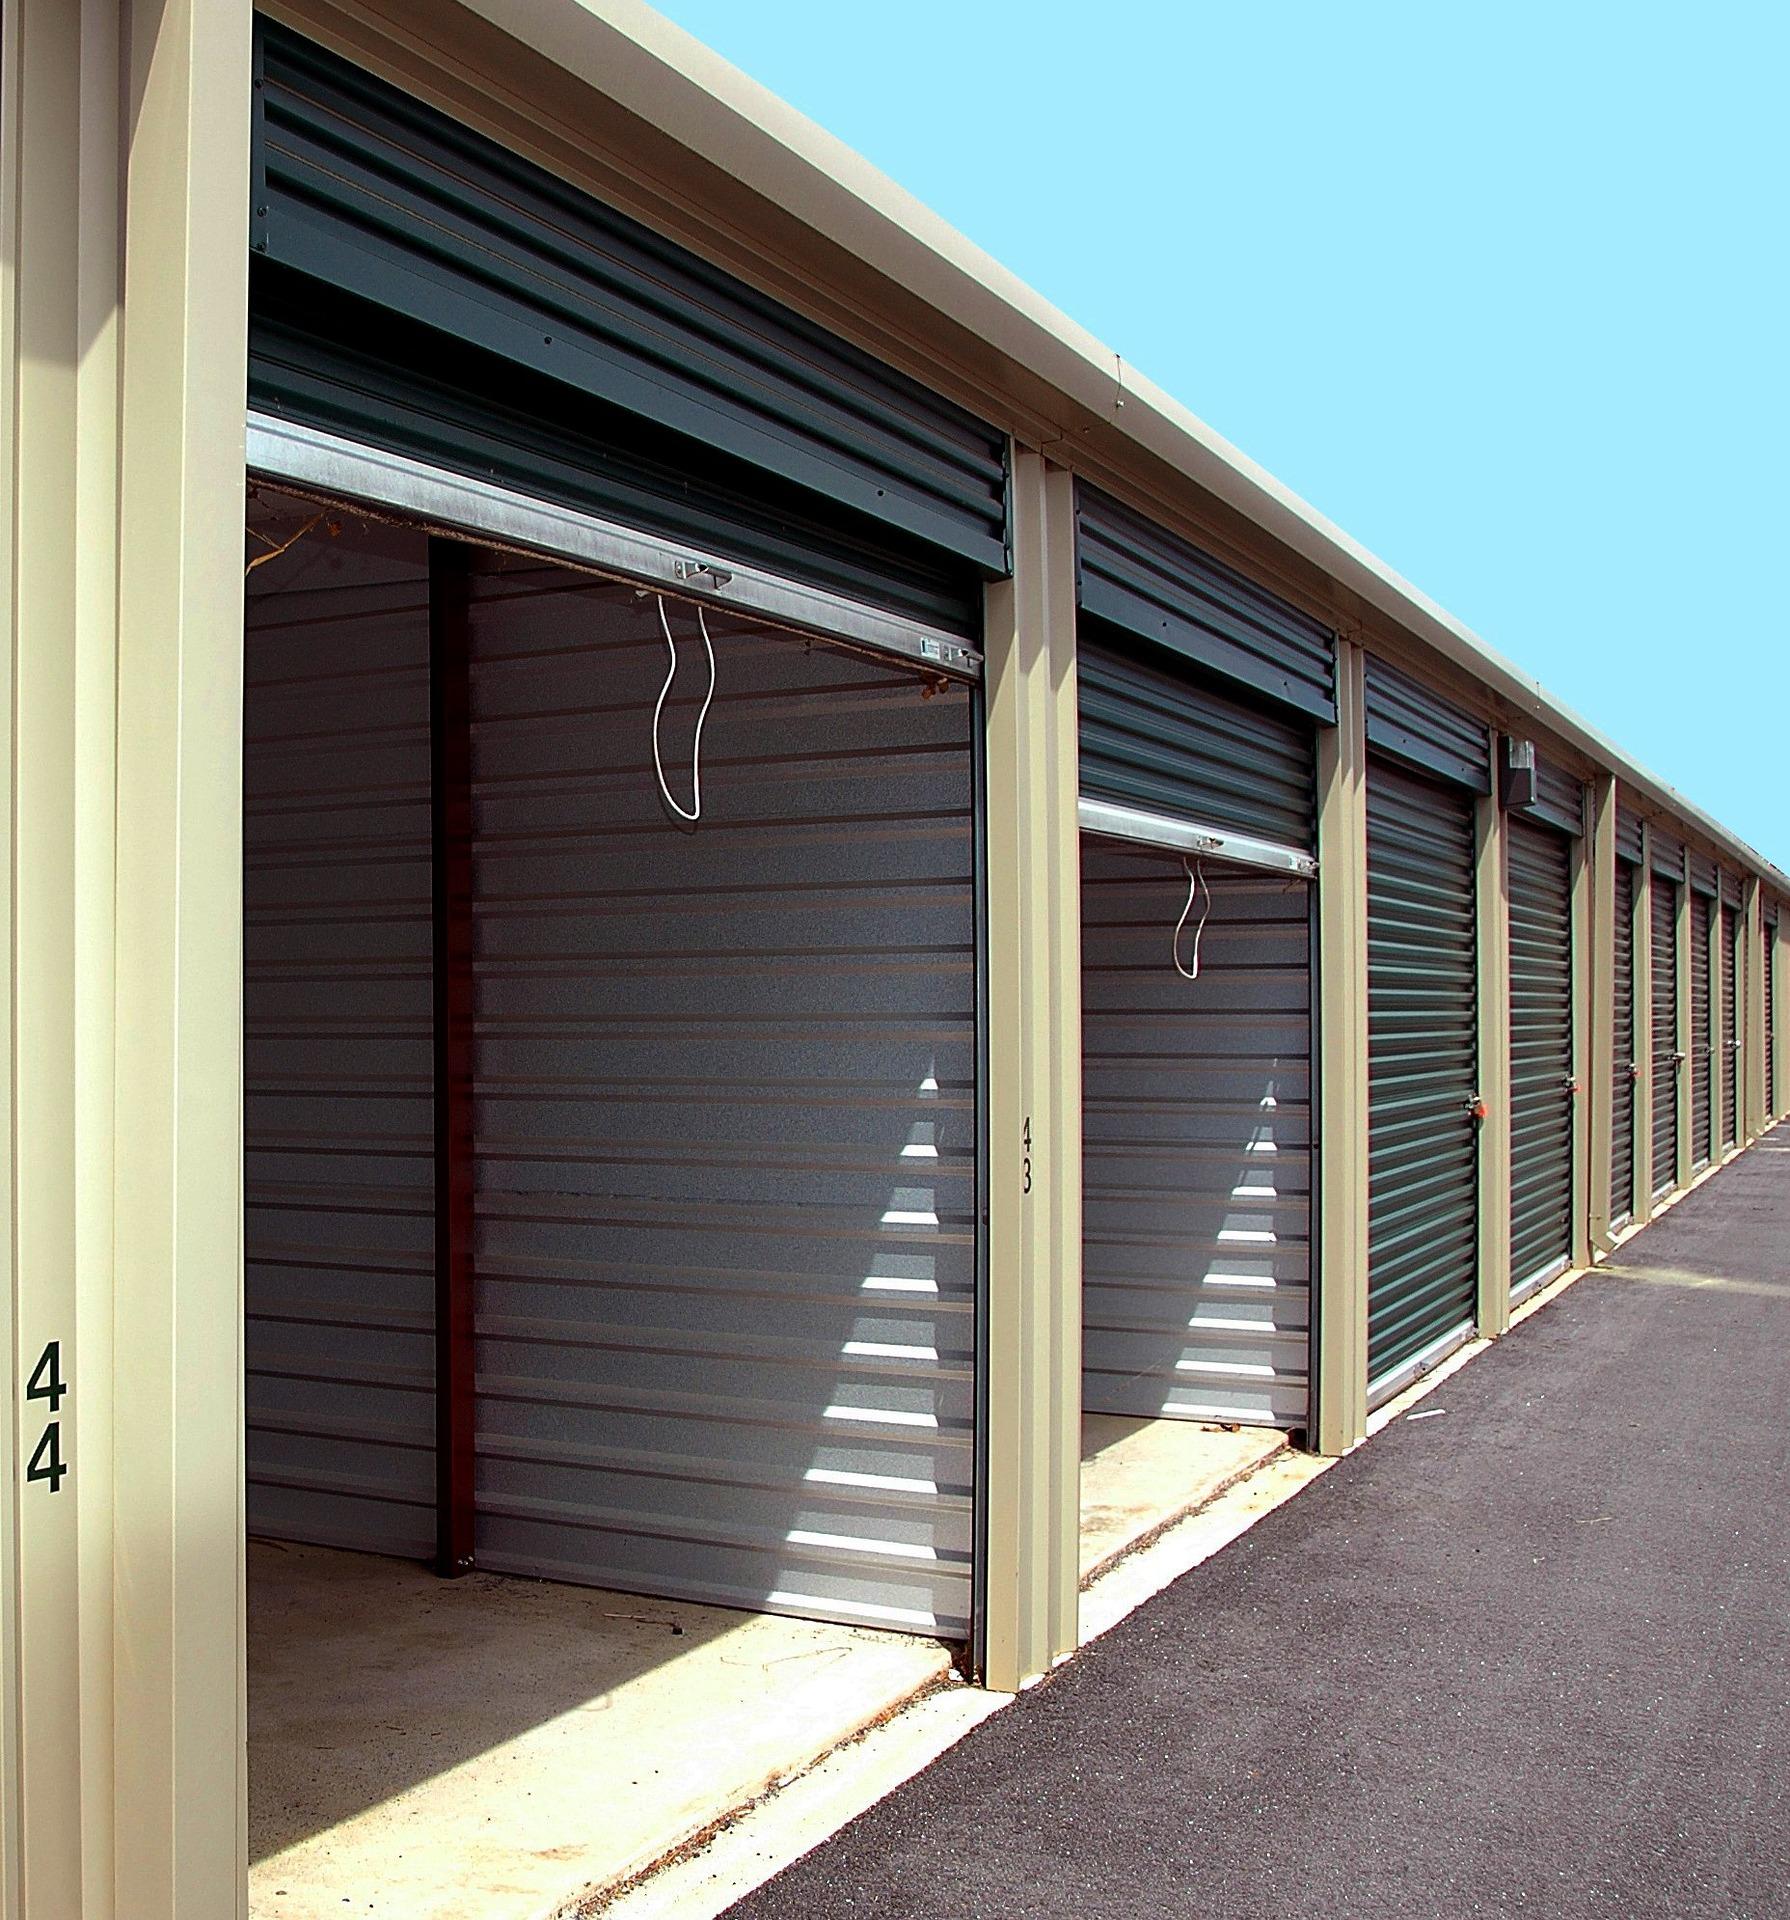 storage-warehouse-2089775_1920 (1)